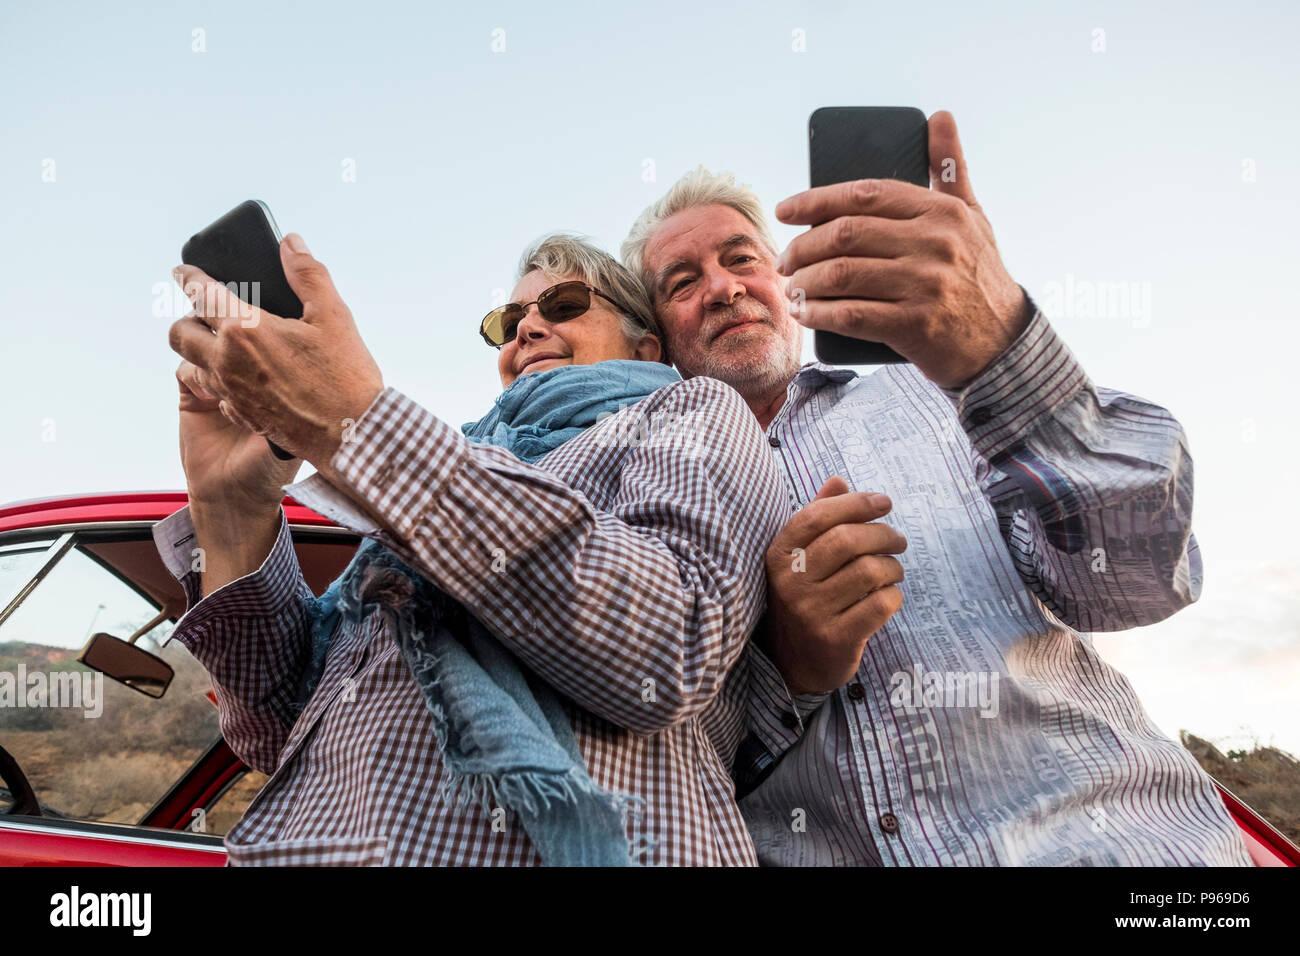 Alternative Sicht von der Unterseite für junge Senior paar Kaukasier, Sie Ihr Smartphone, um Fotos zu machen und eine Verbindung zu Internet. Reisen a Stockbild